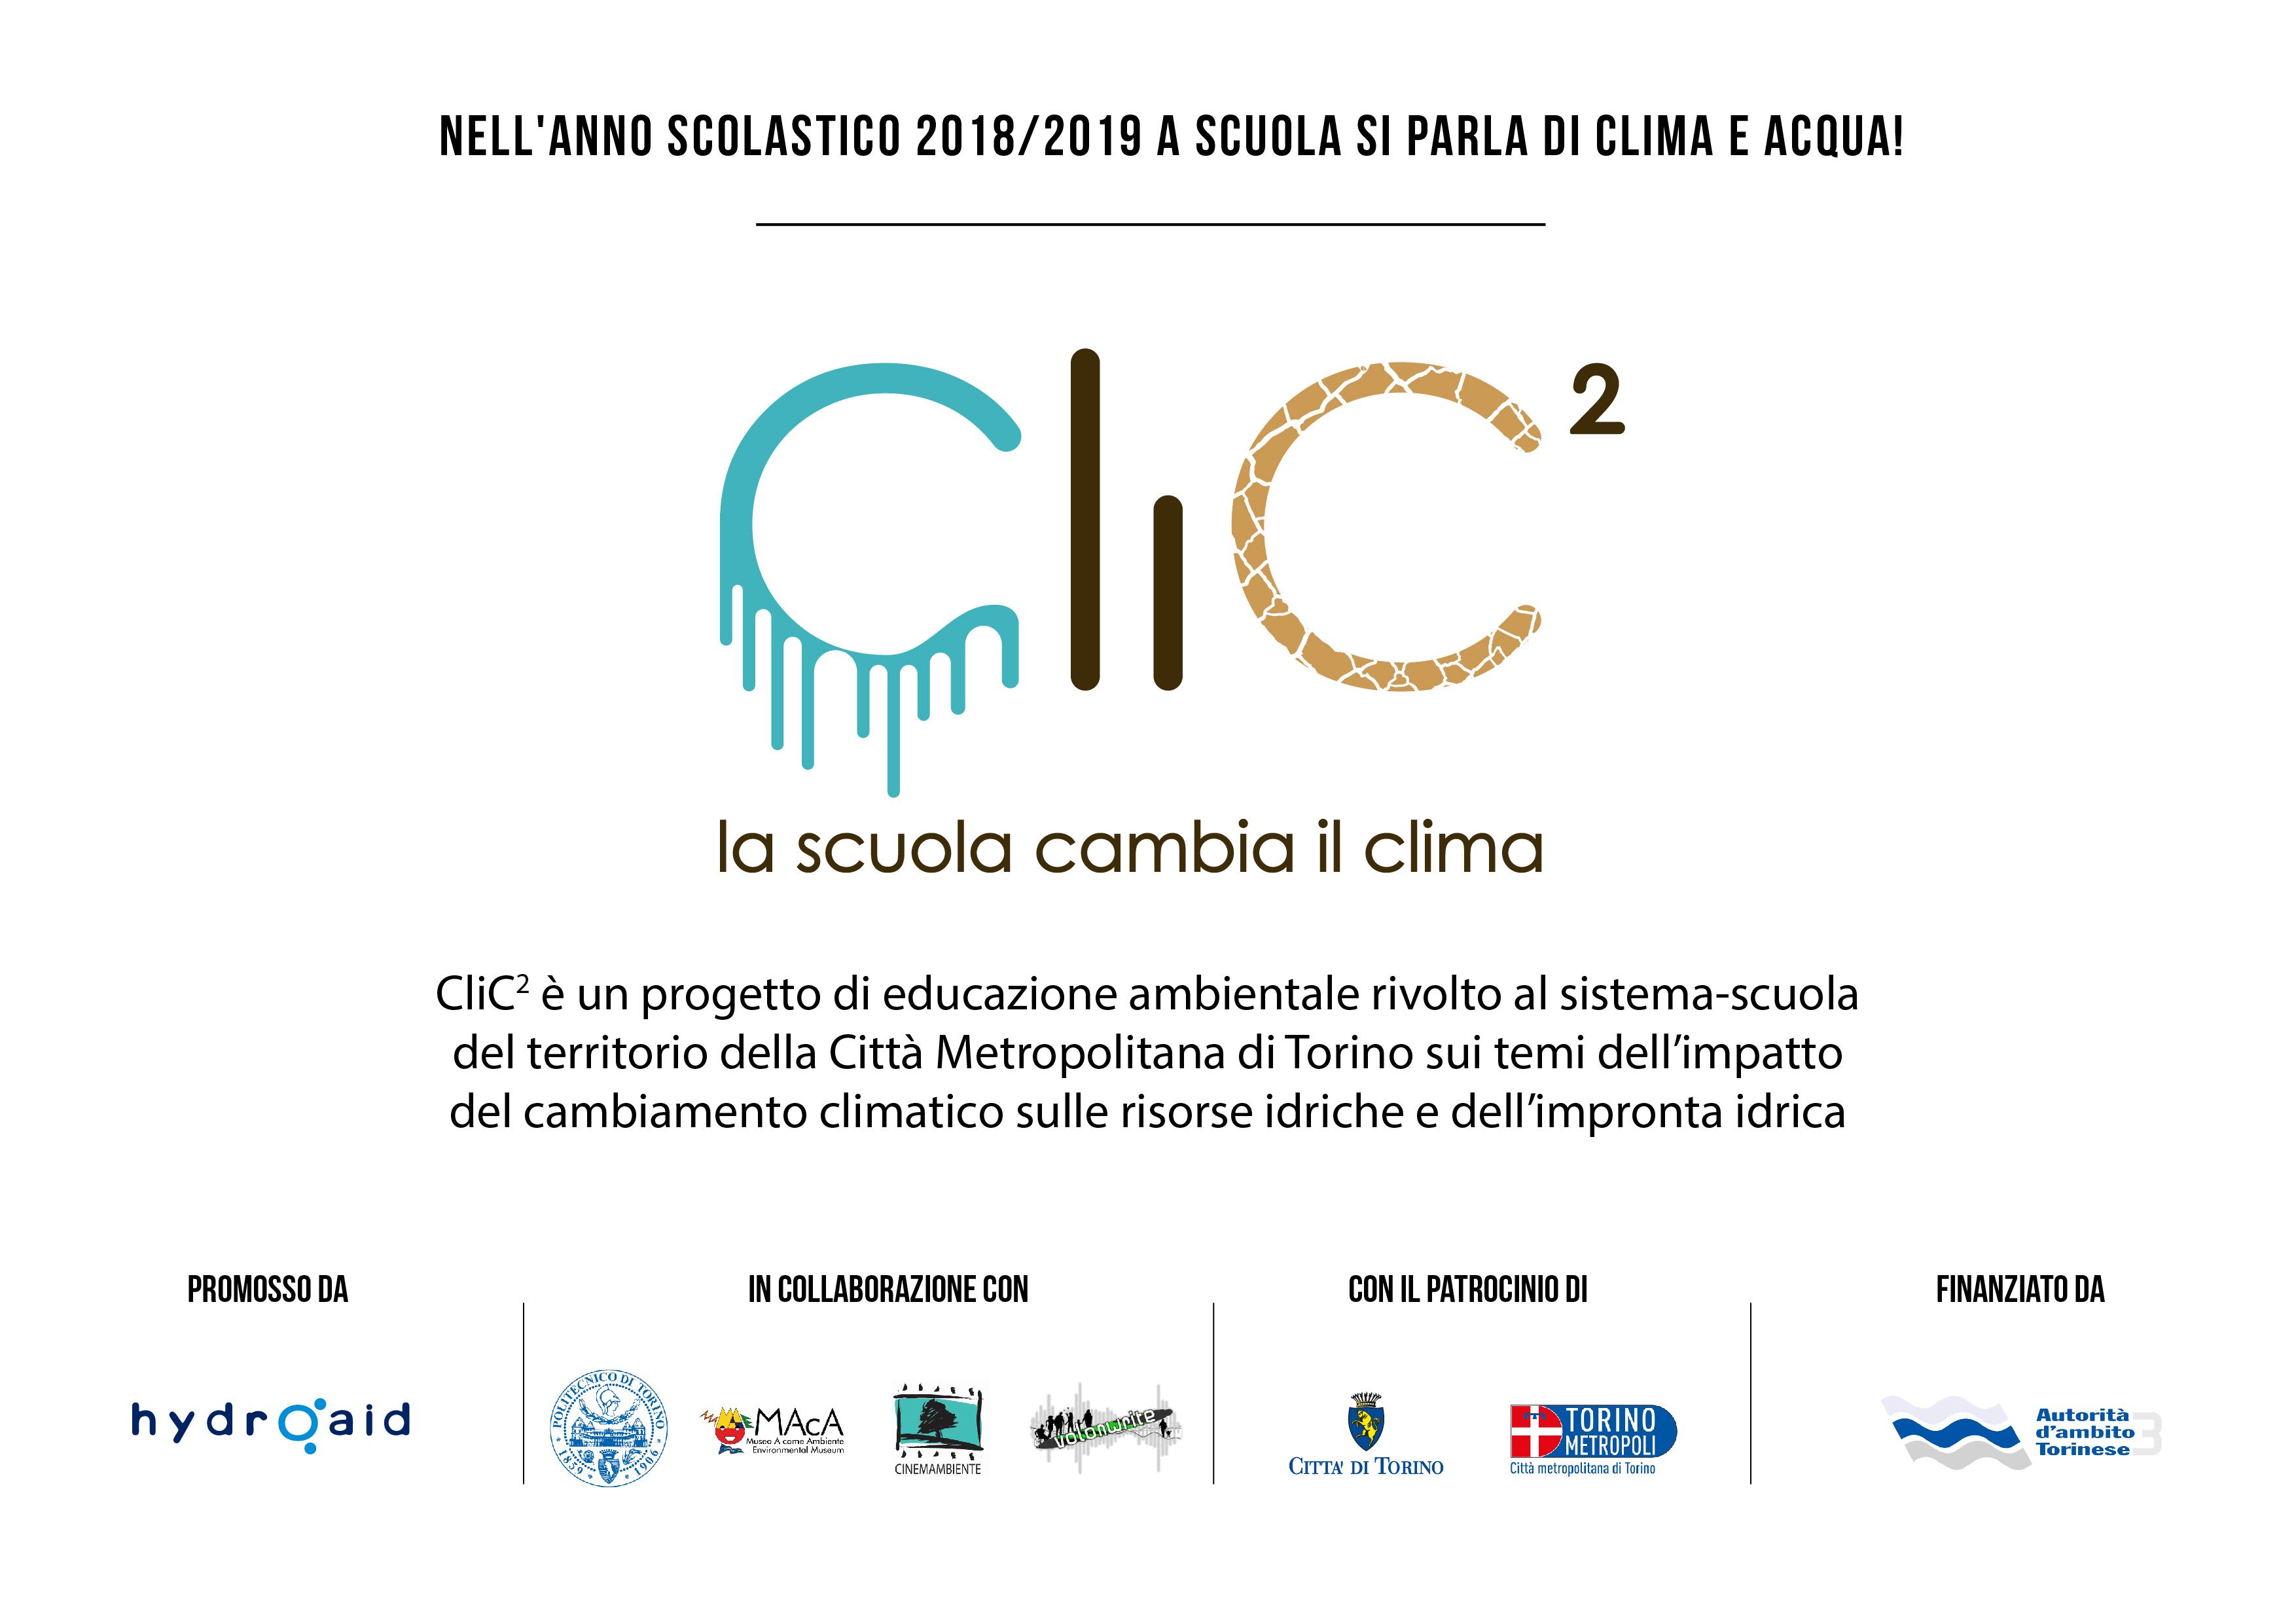 """CLIC2 guiderà gli studenti in un percorso educativo che, con il supporto di giochi di ruolo, incontri tematici, laboratori didattici, proiezioni di filmati e realizzazioni di brevi video, consentirà loro di """"immergersi"""" nelle sfide poste dal cambiamento climatico stimolando la loro immaginazione, la loro inventiva, il loro ingegno e la loro creatività."""